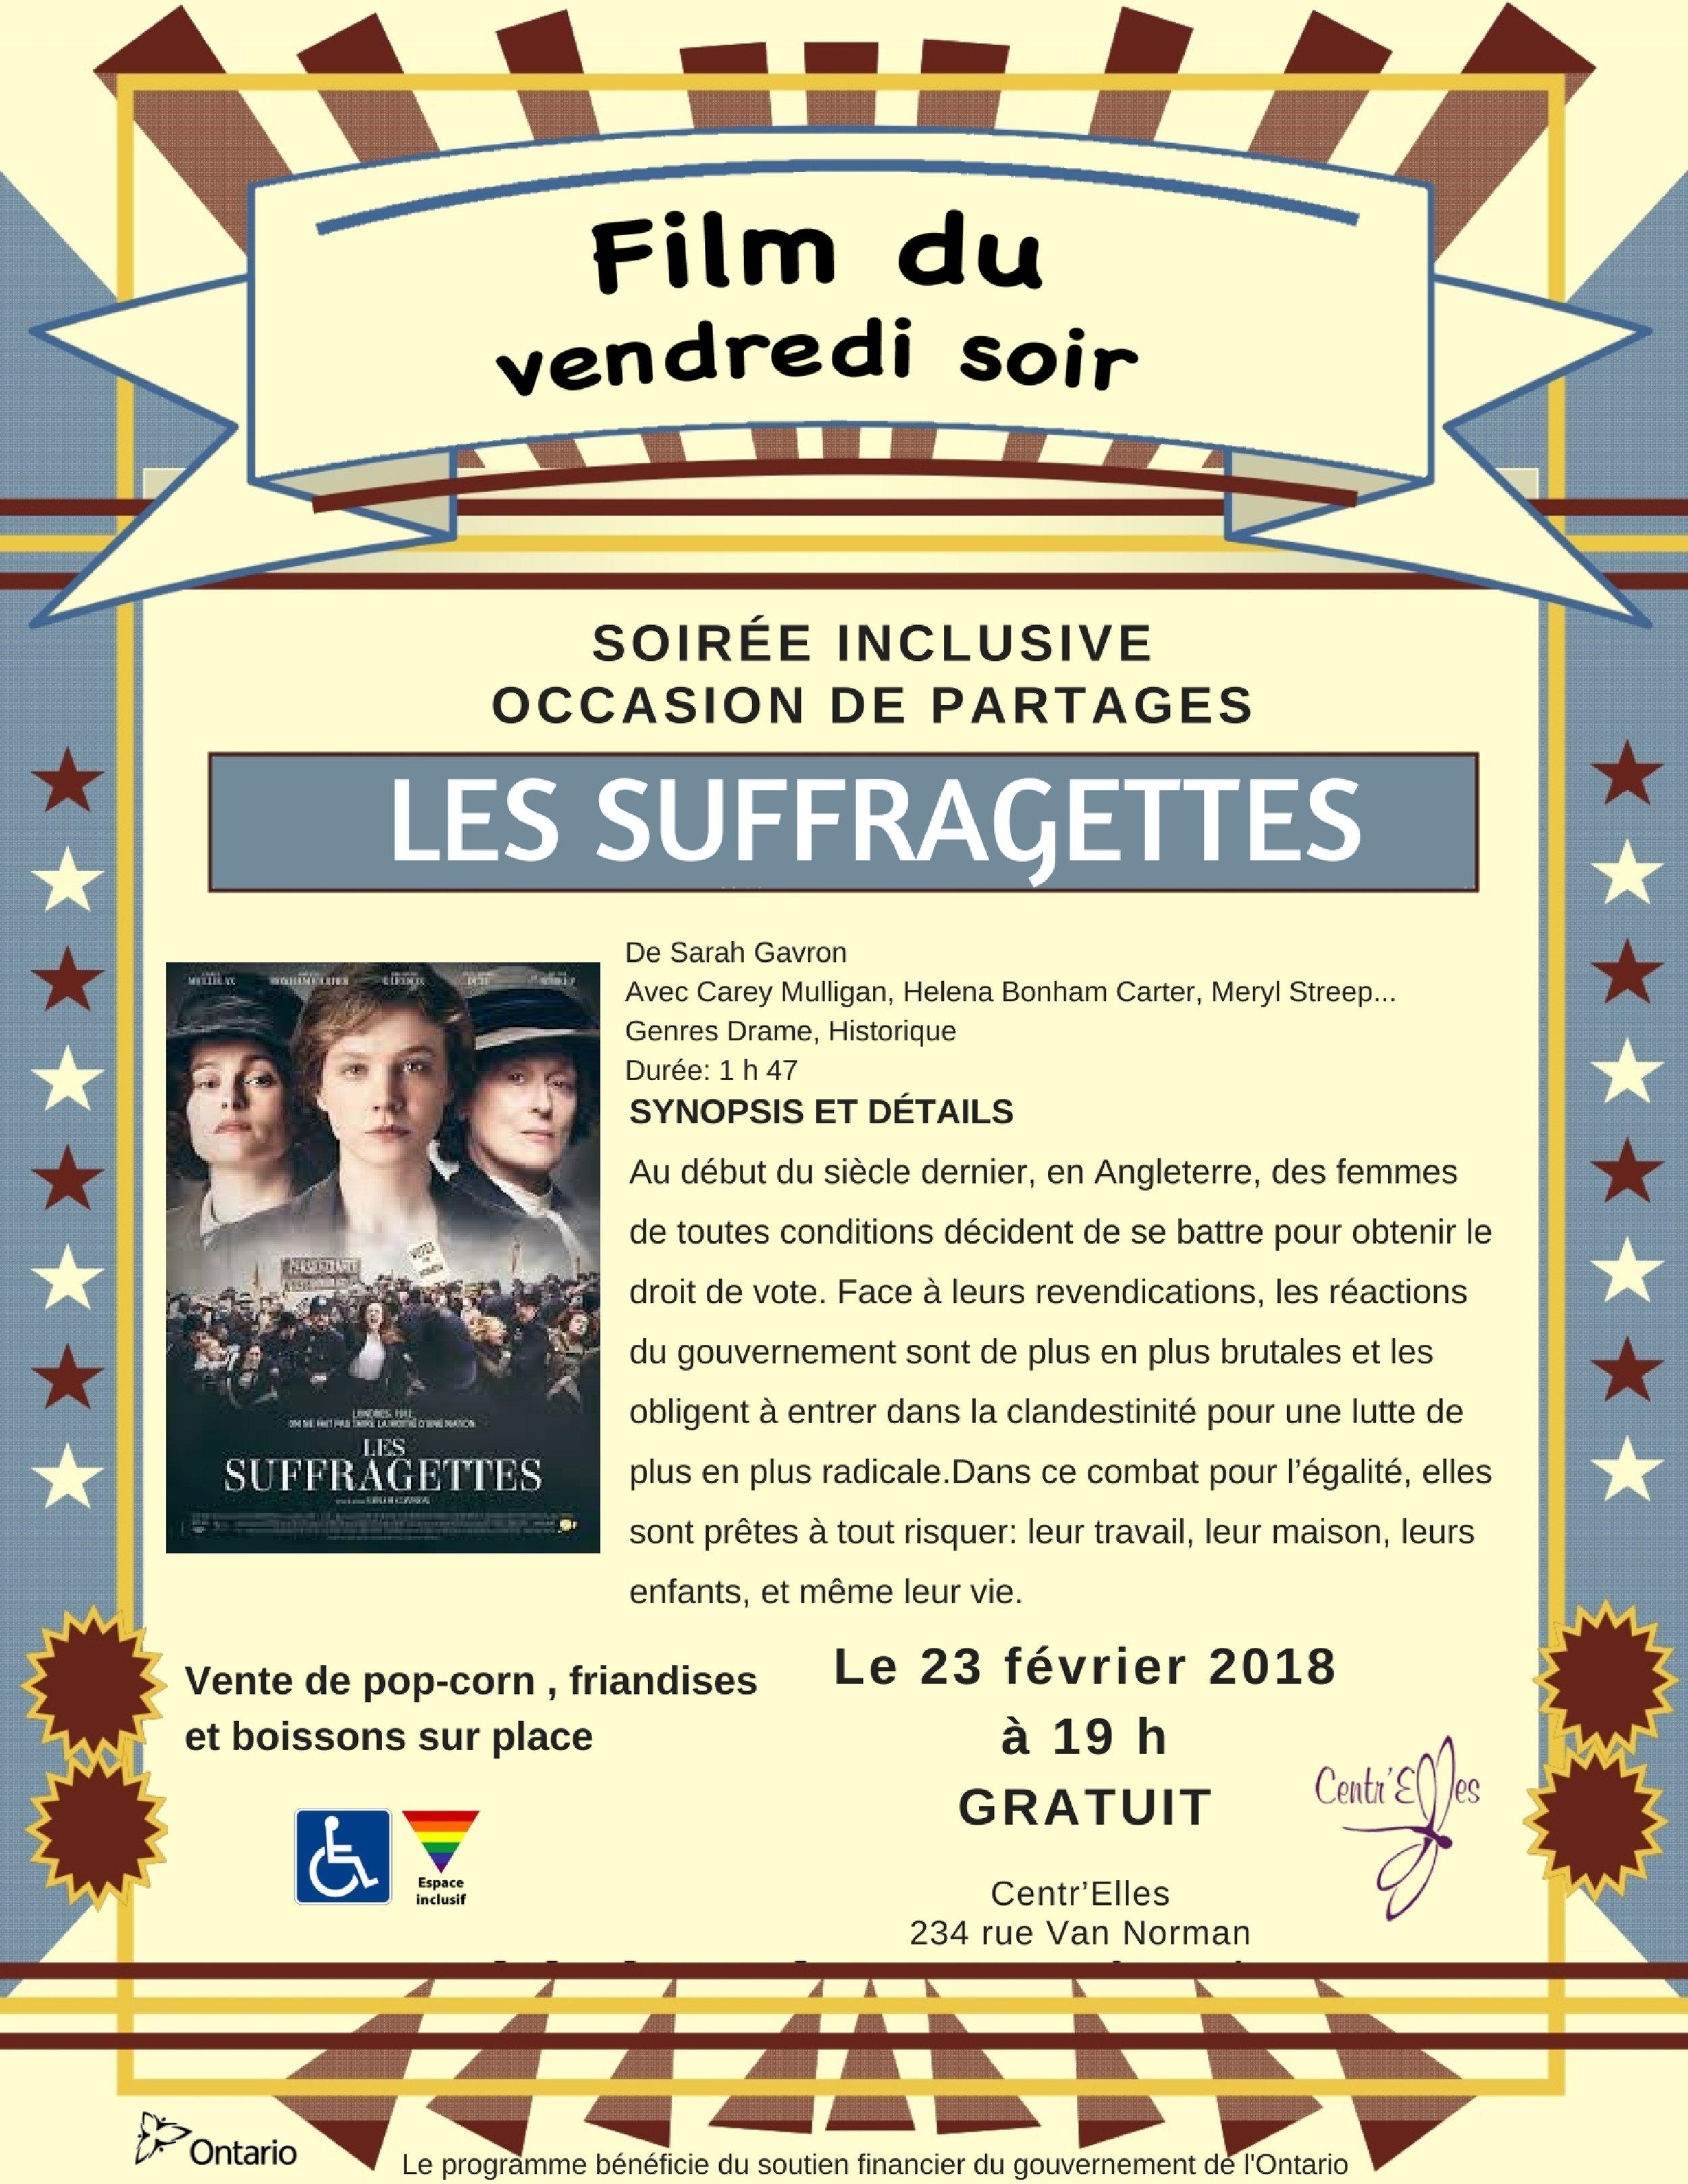 Les suffragettes.jpg